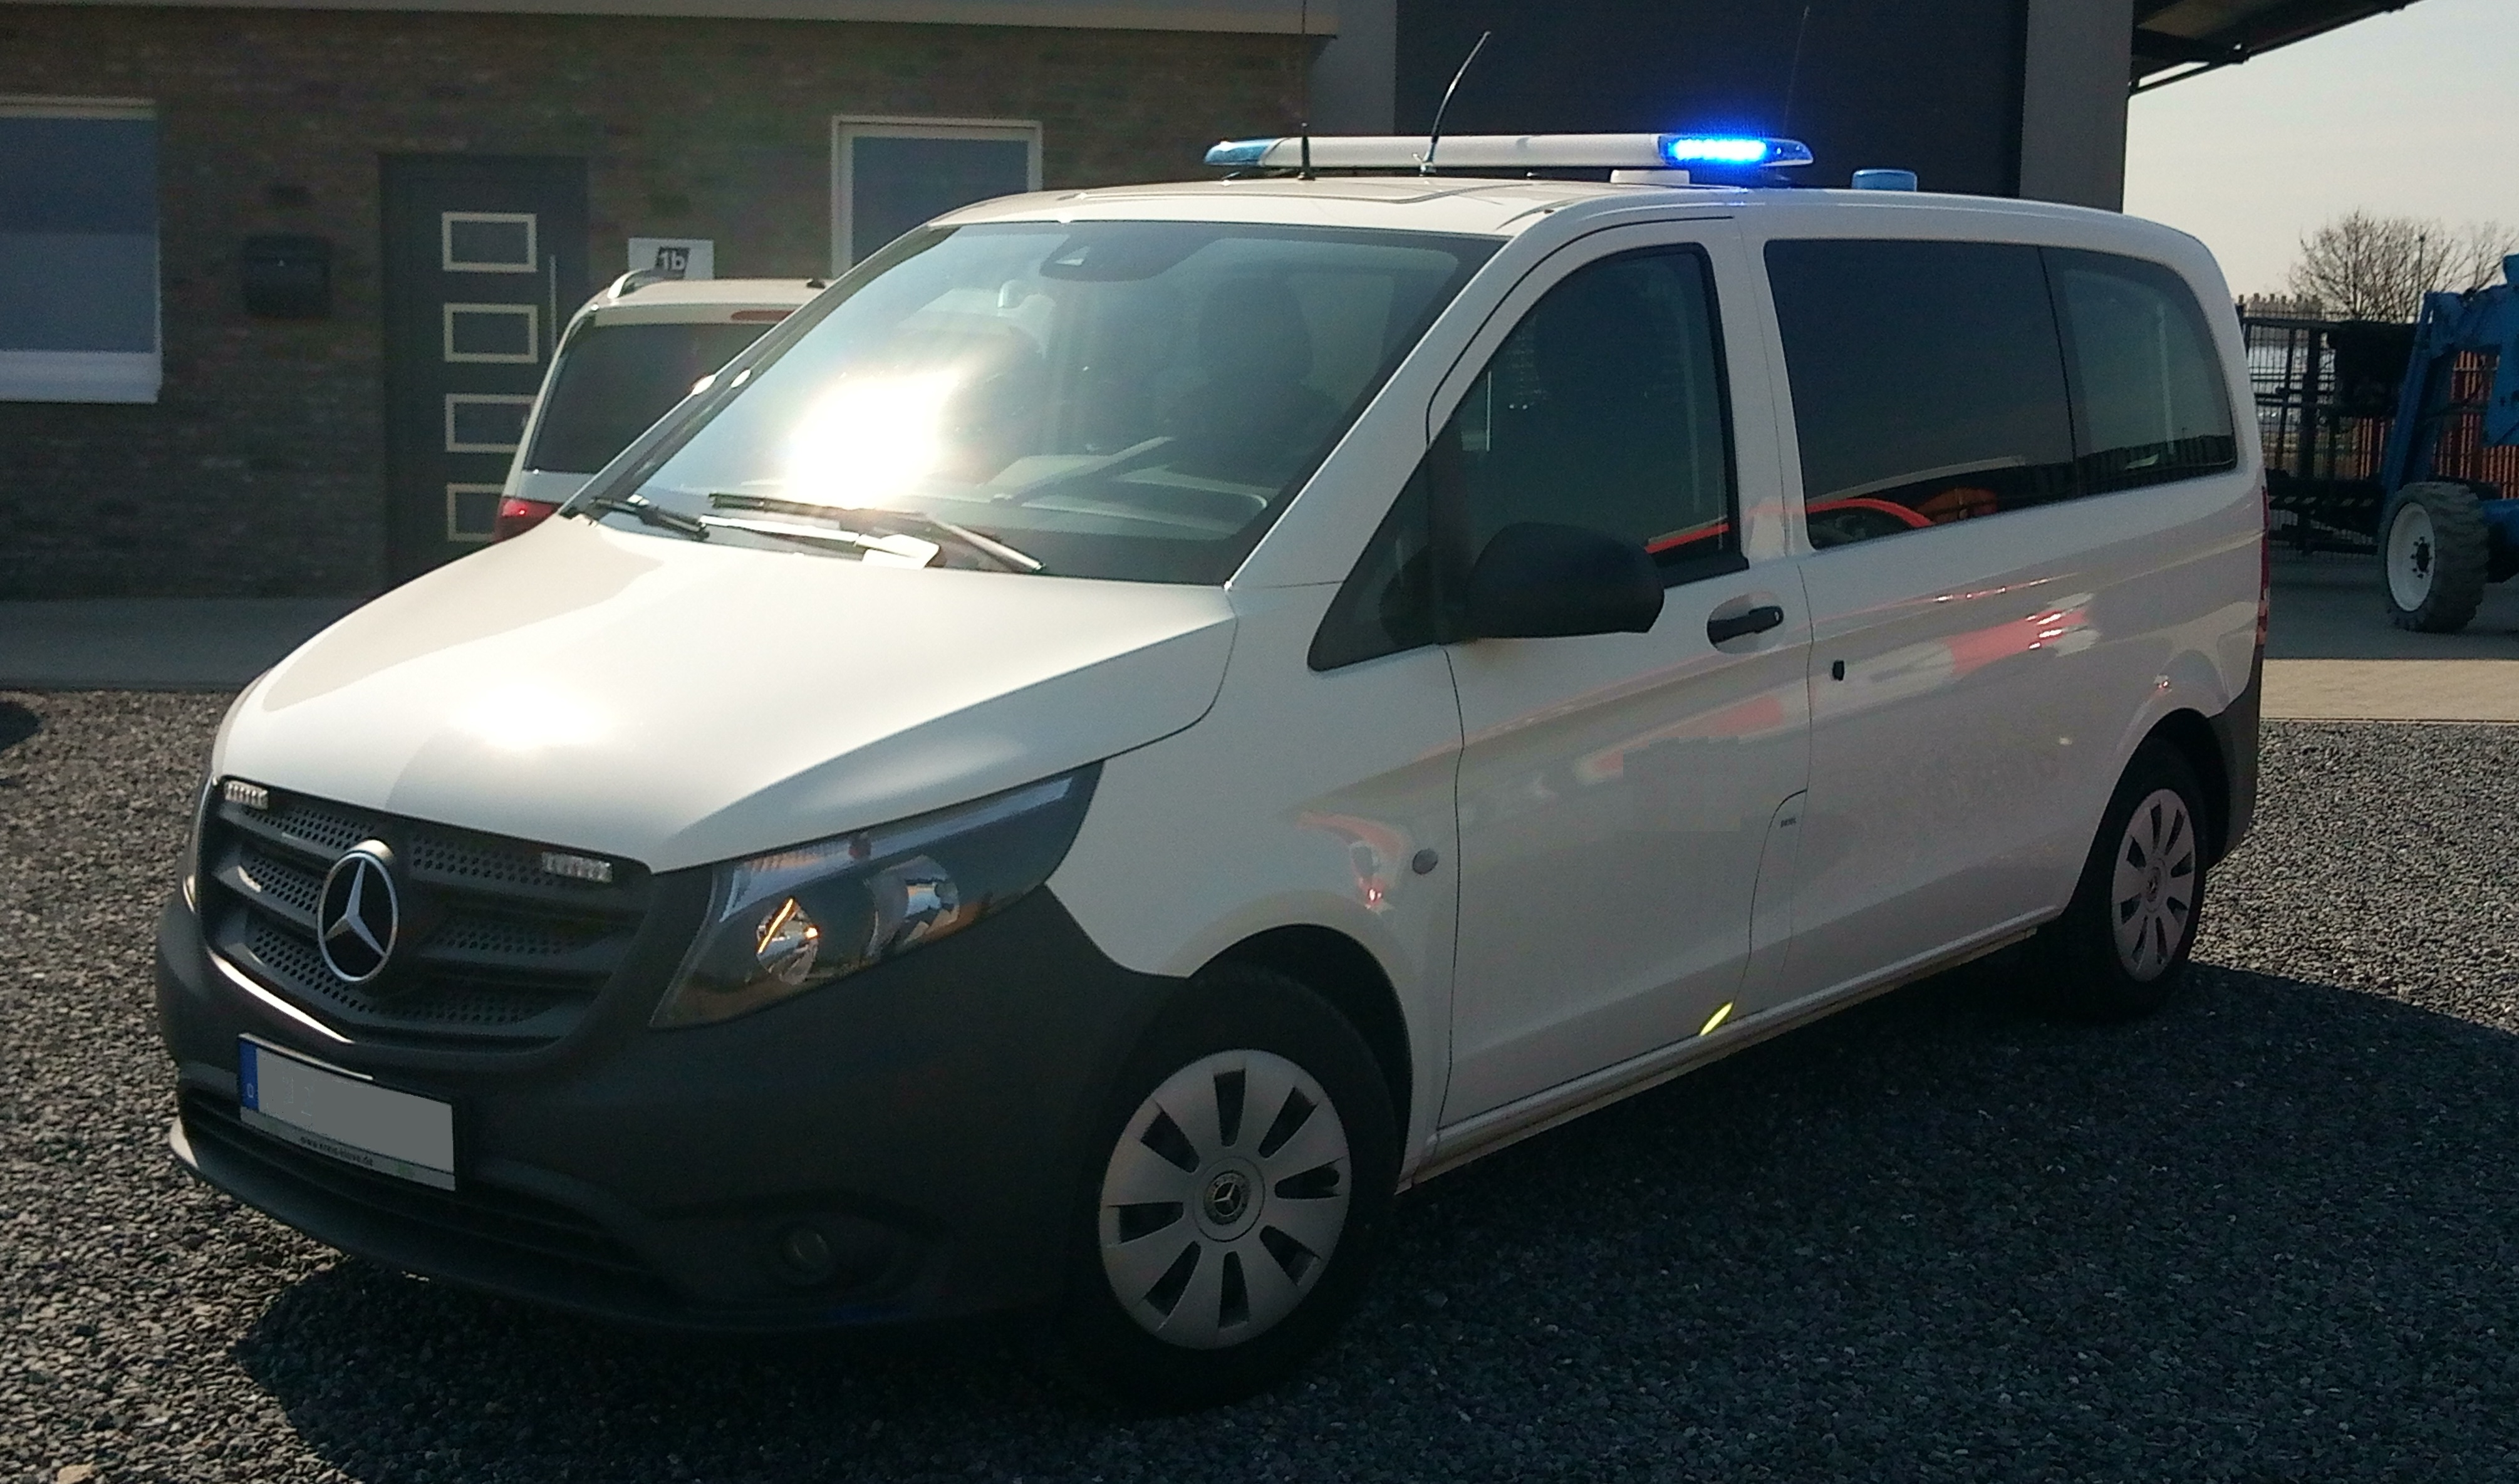 Fahrzeugauslieferung Einsatzleitwagen/GW-Technik